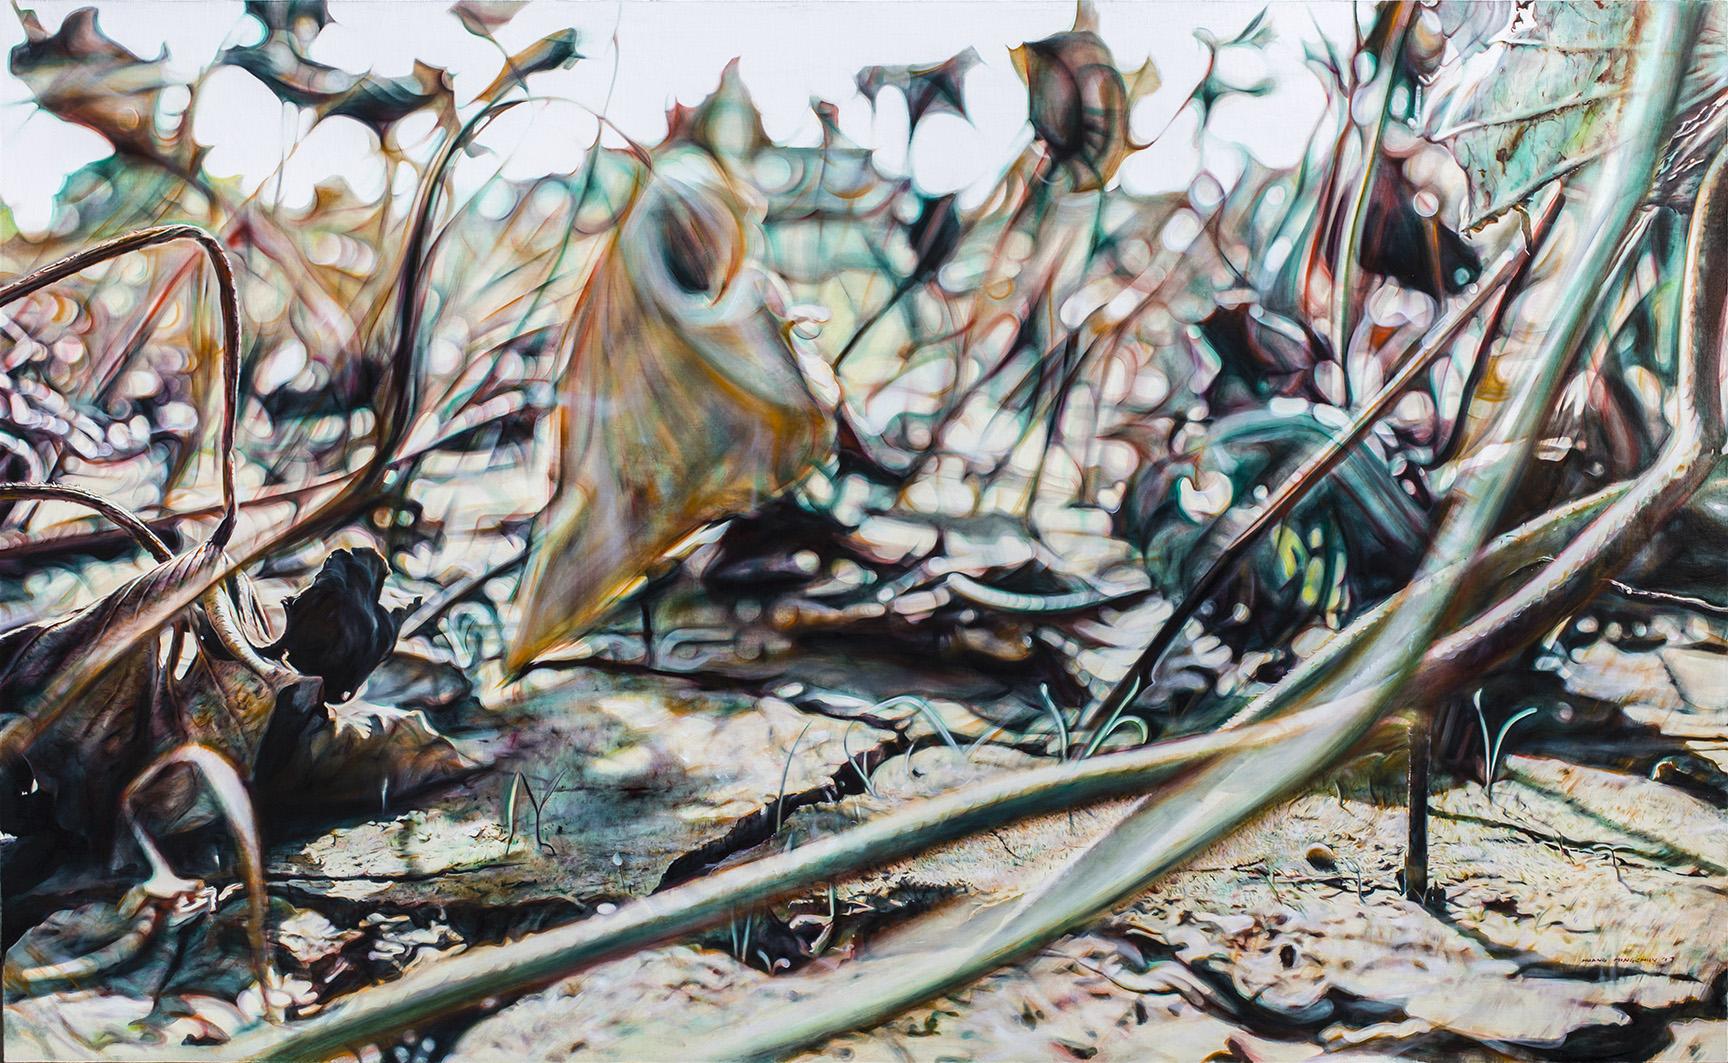 殘荷入夢2 The Withered Lotus in a Dream II  160cm x 260cm  油彩畫布Oil on canvas 2017